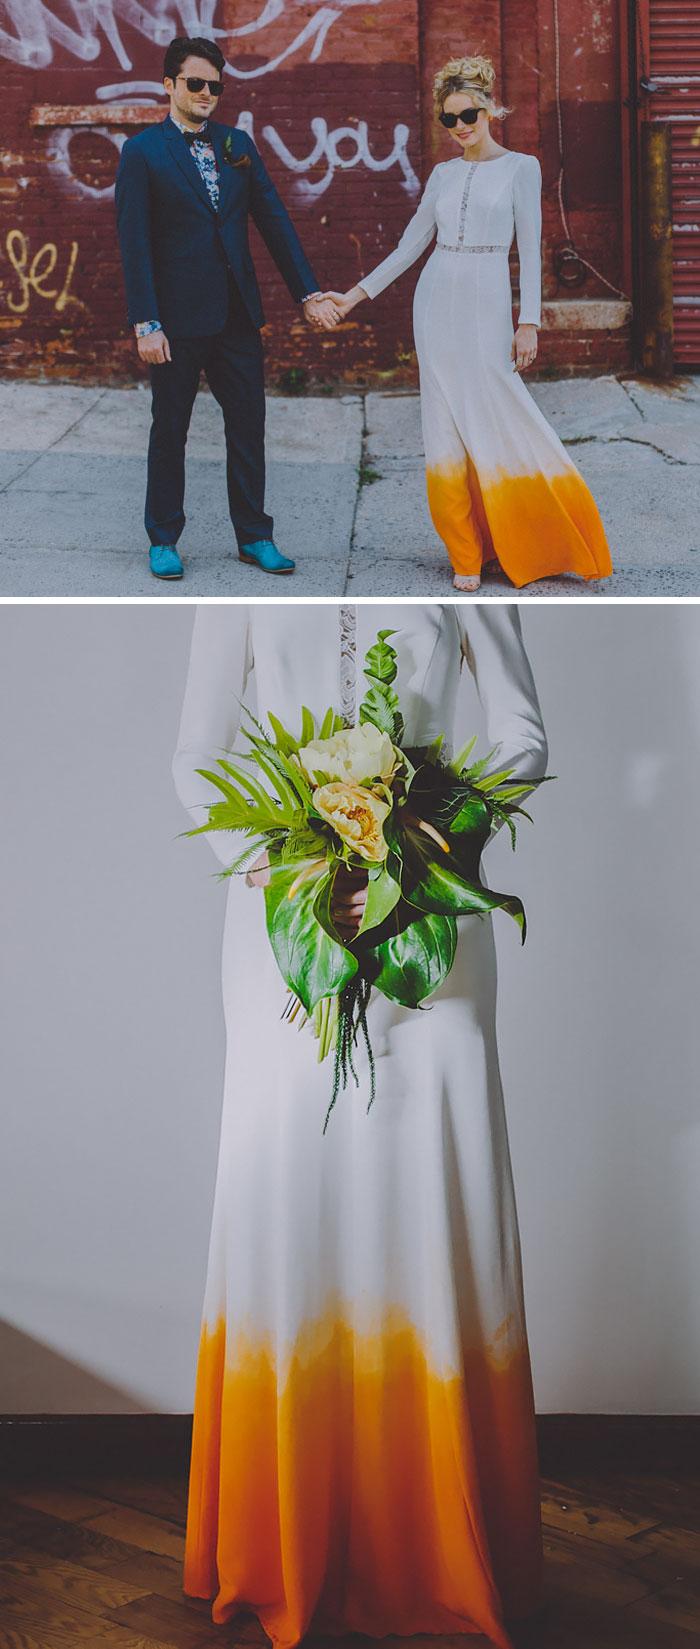 dip-dye-wedding-dress-trend-3-57cdba72b44e6__700.jpg